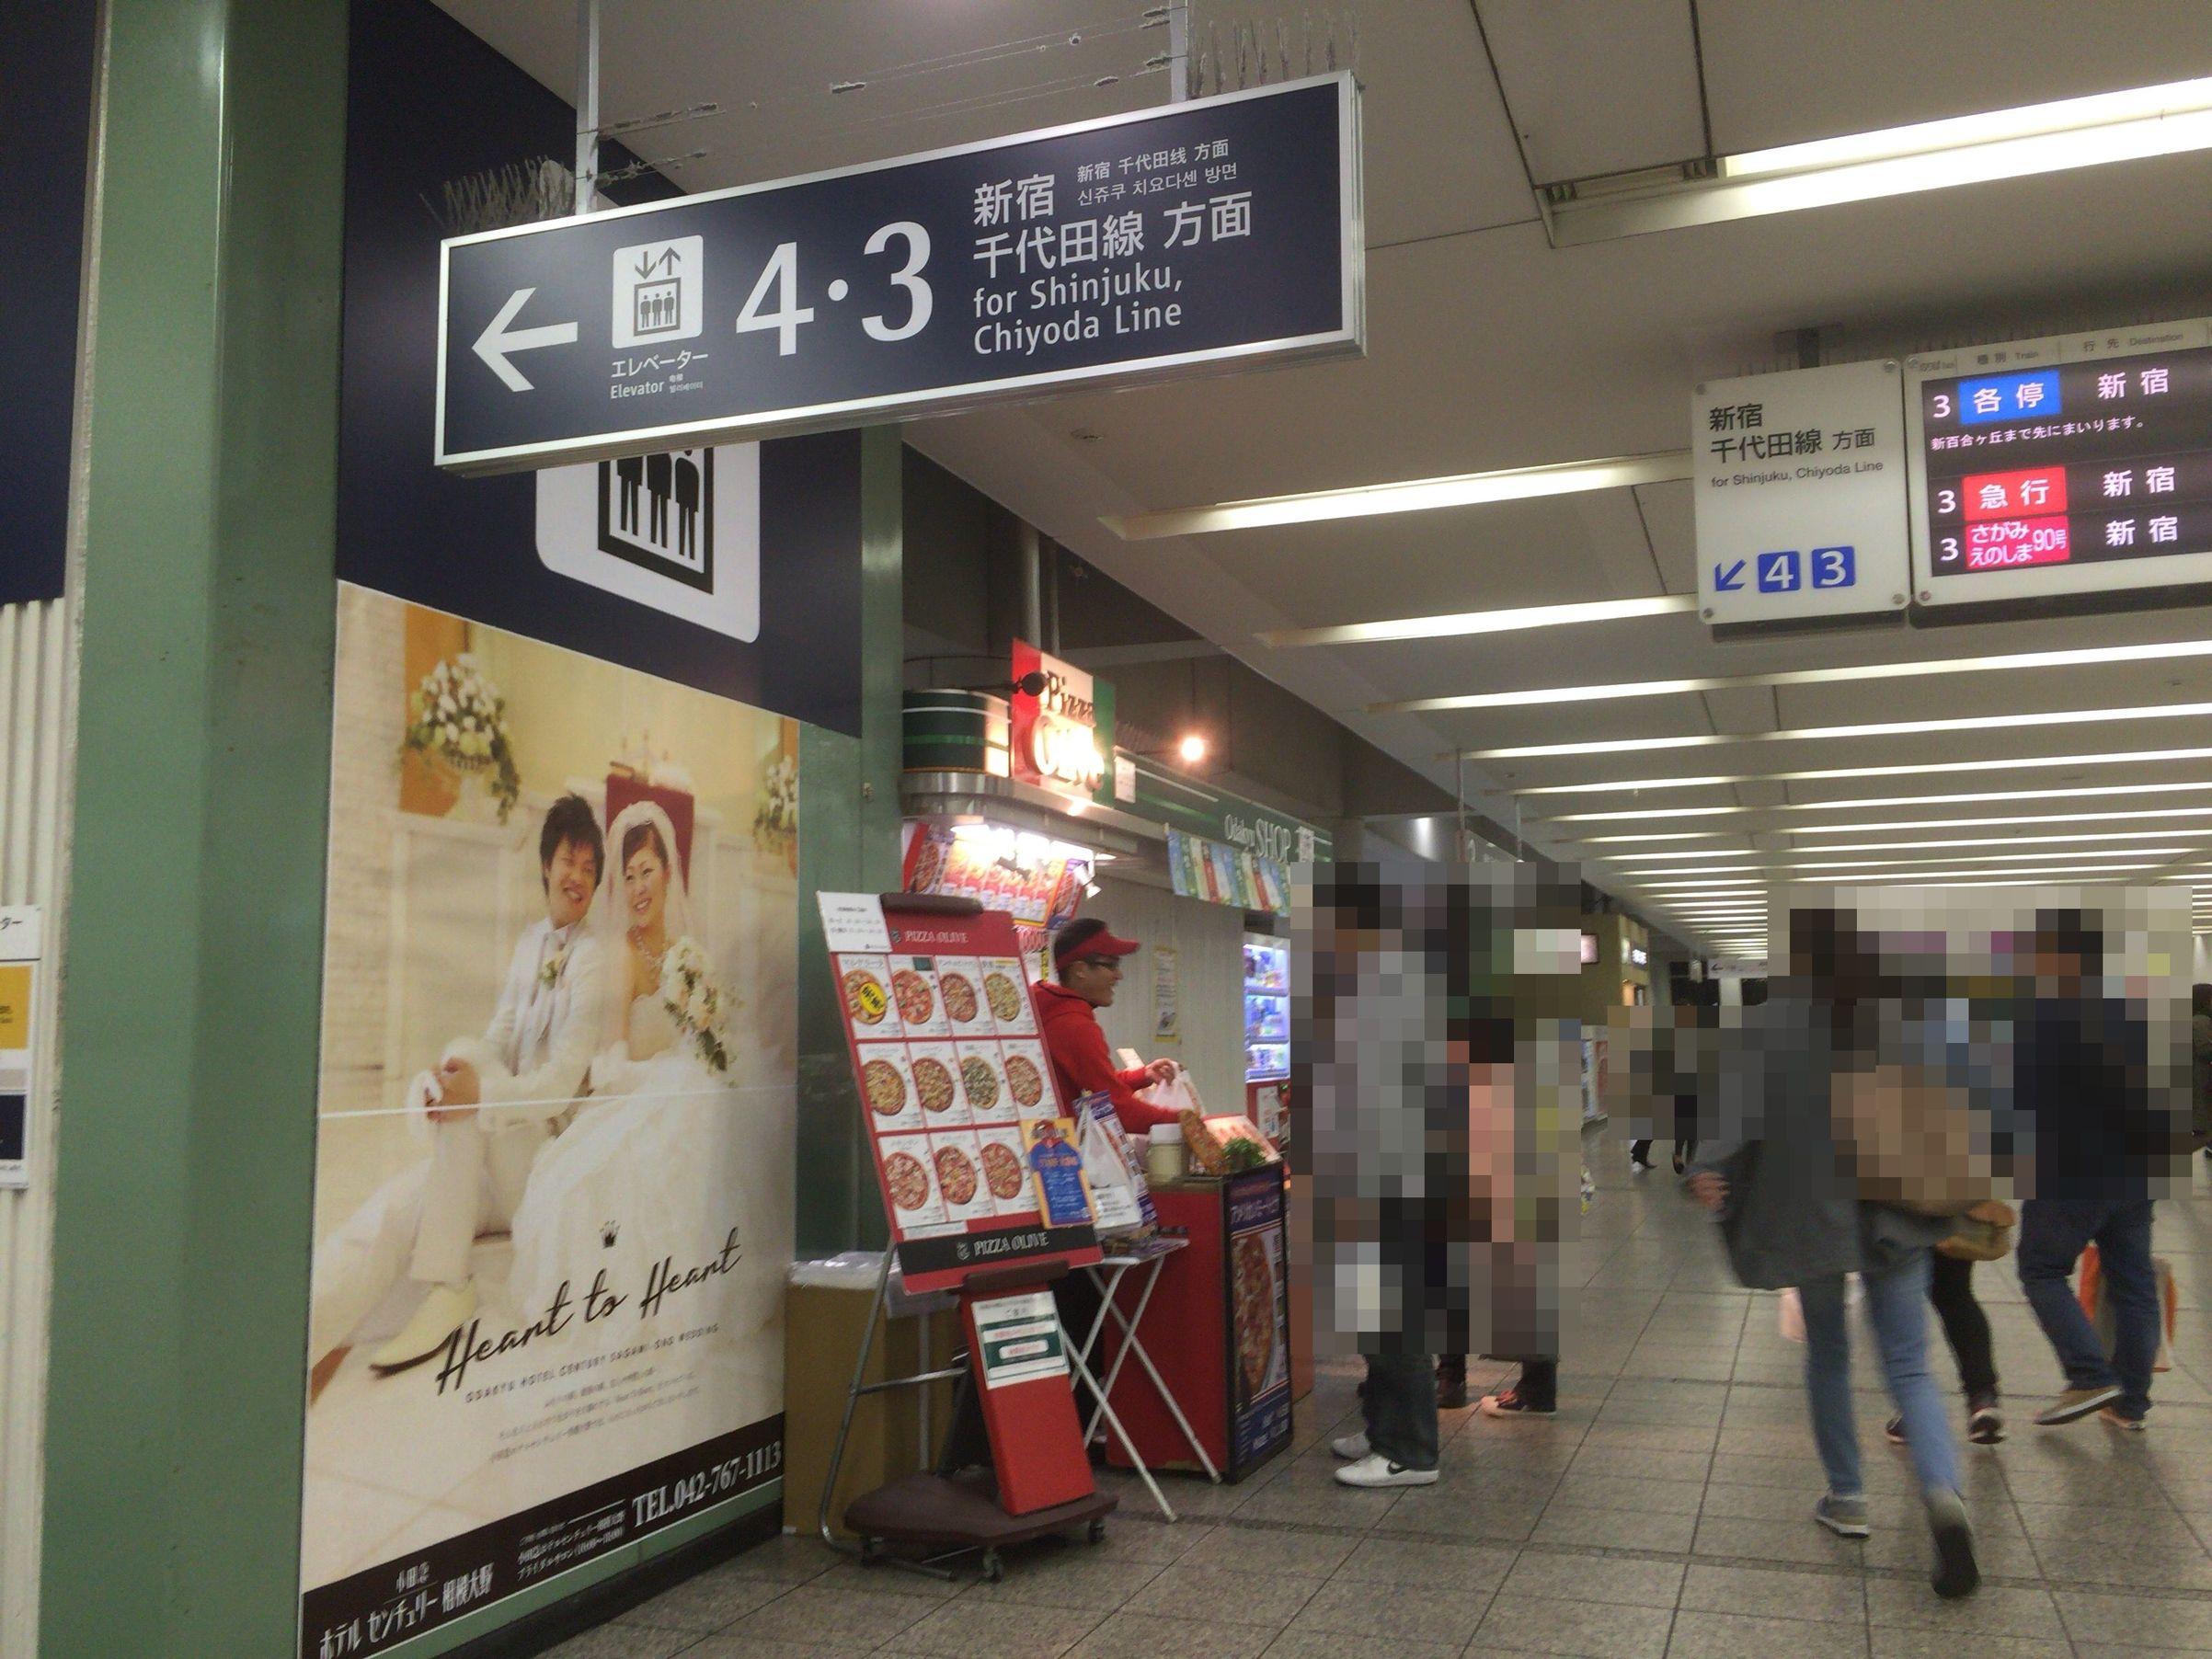 ピザオリーブ 小田急相模大野駅構内店